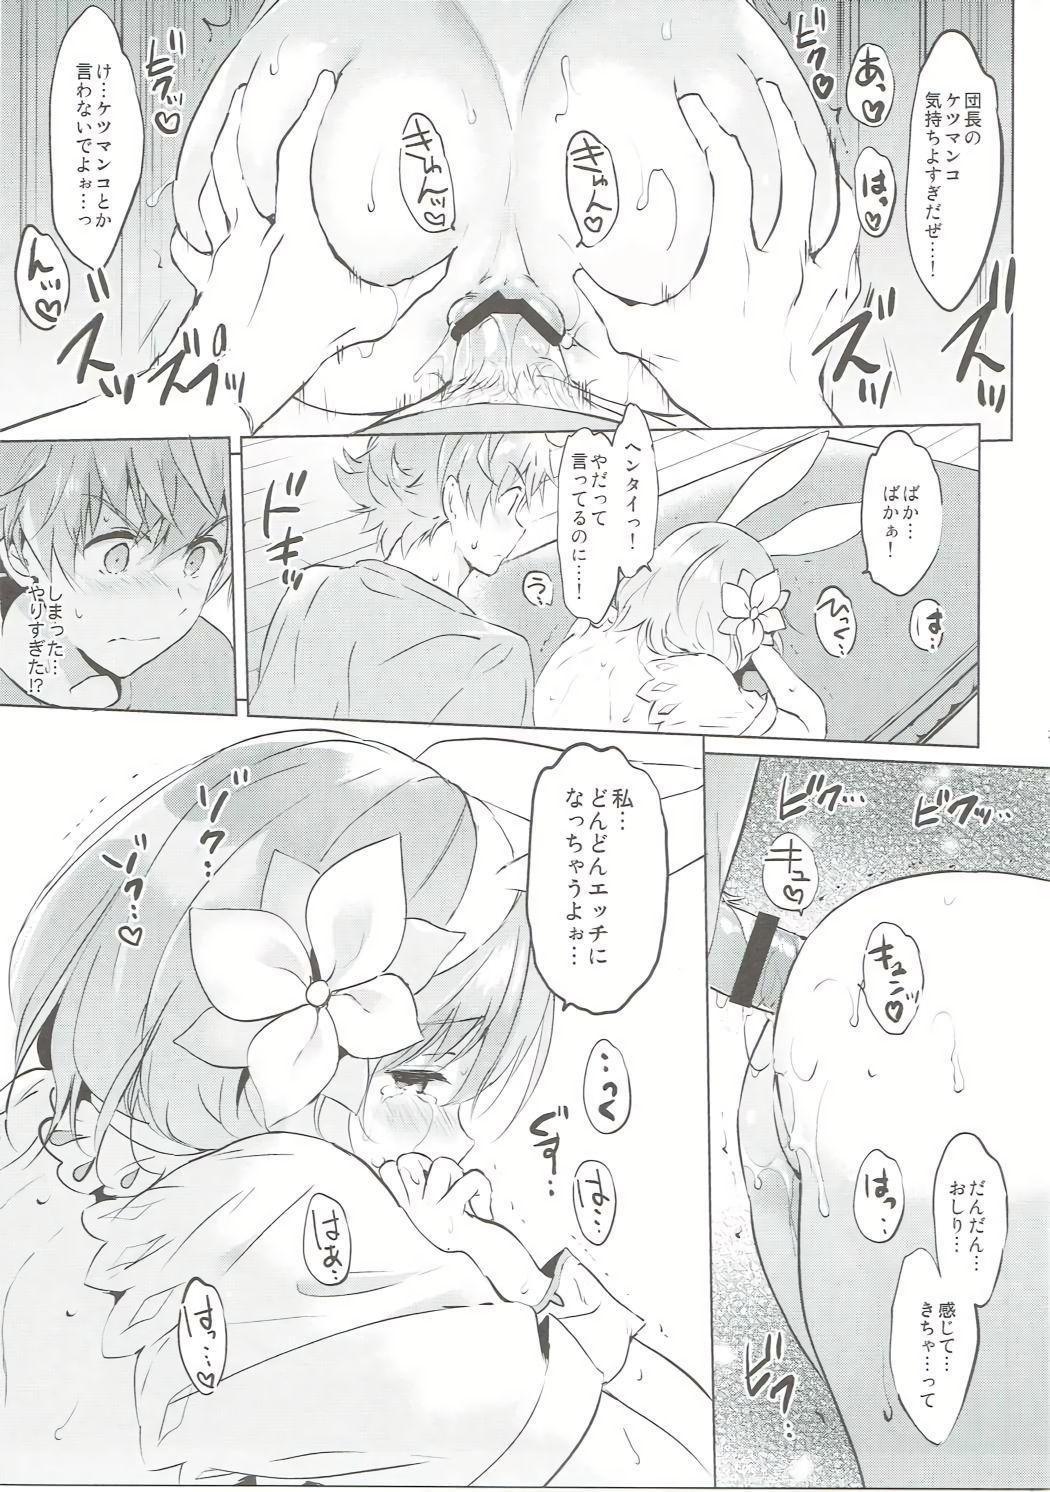 Djeeta-chan no Renai Battle na Hibi ep. 2.5 25